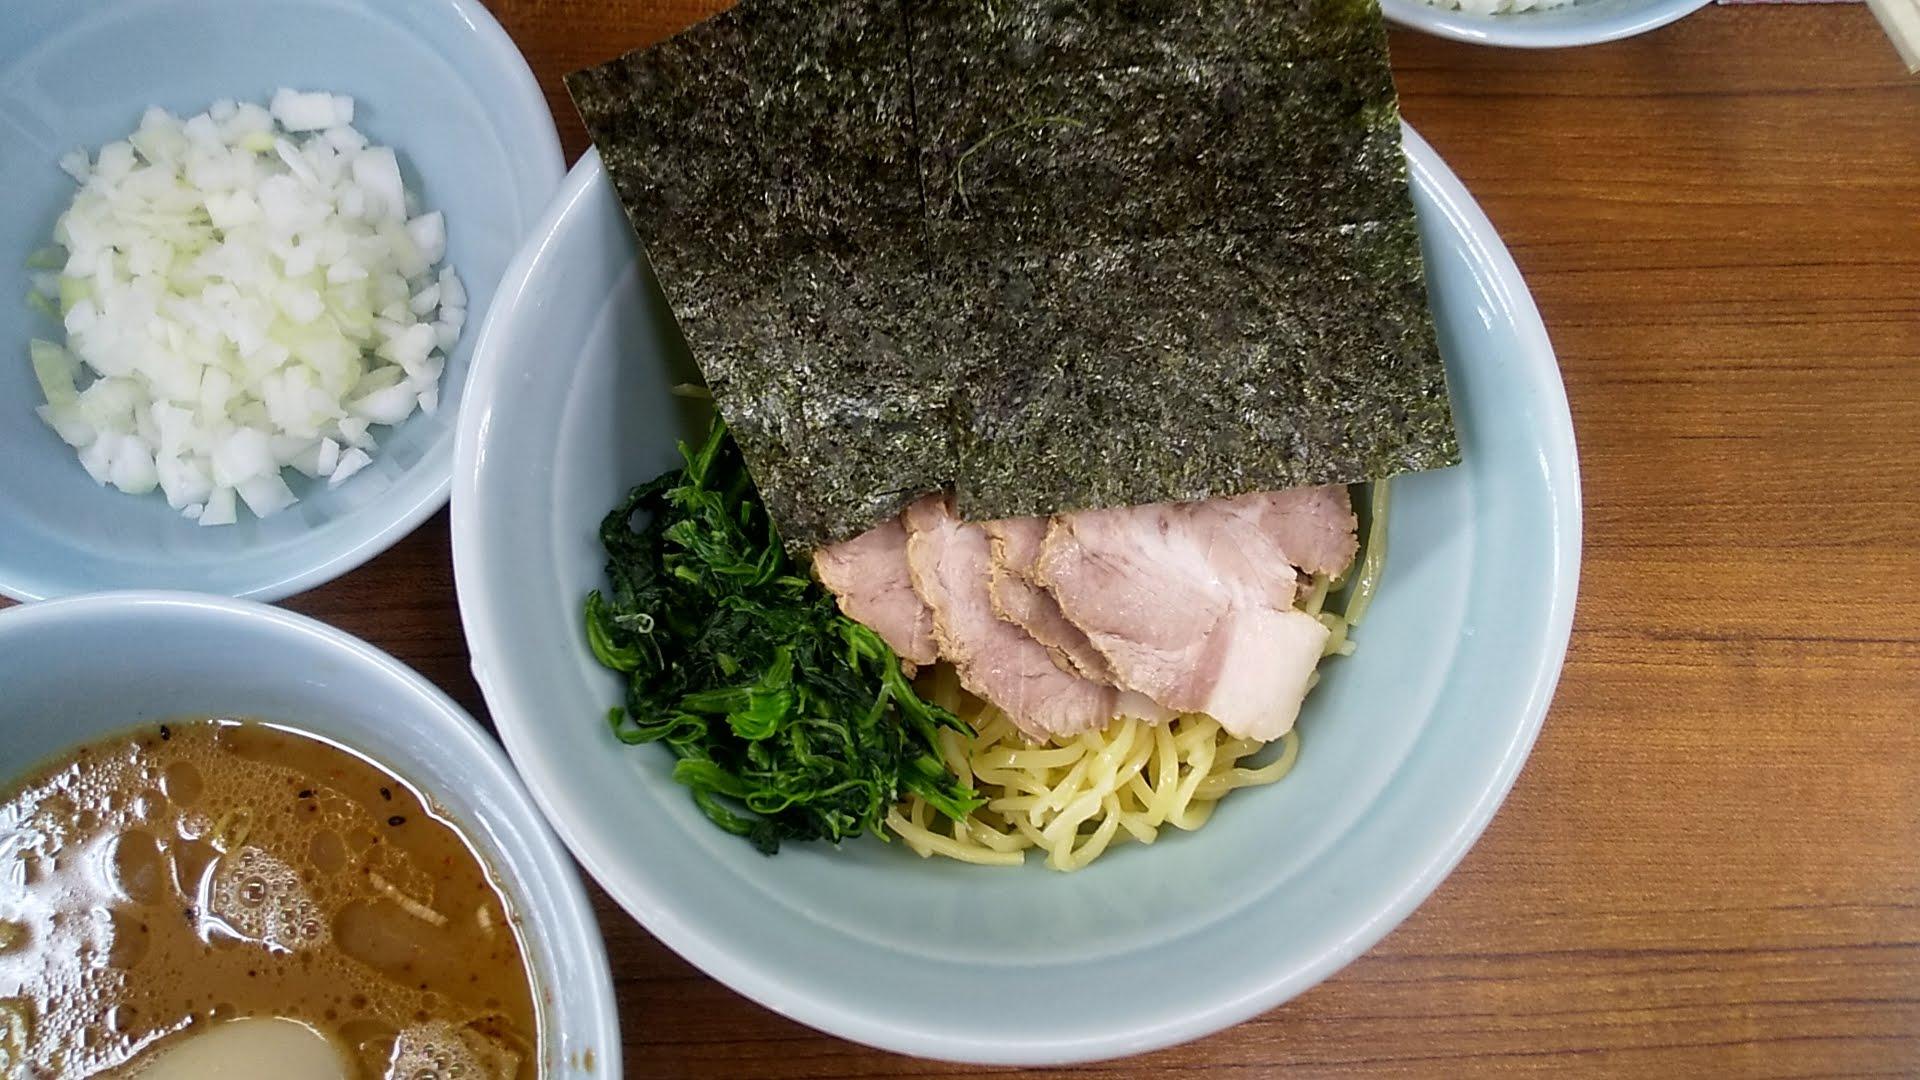 武蔵家北千住店のと曲つけ麺の麺皿